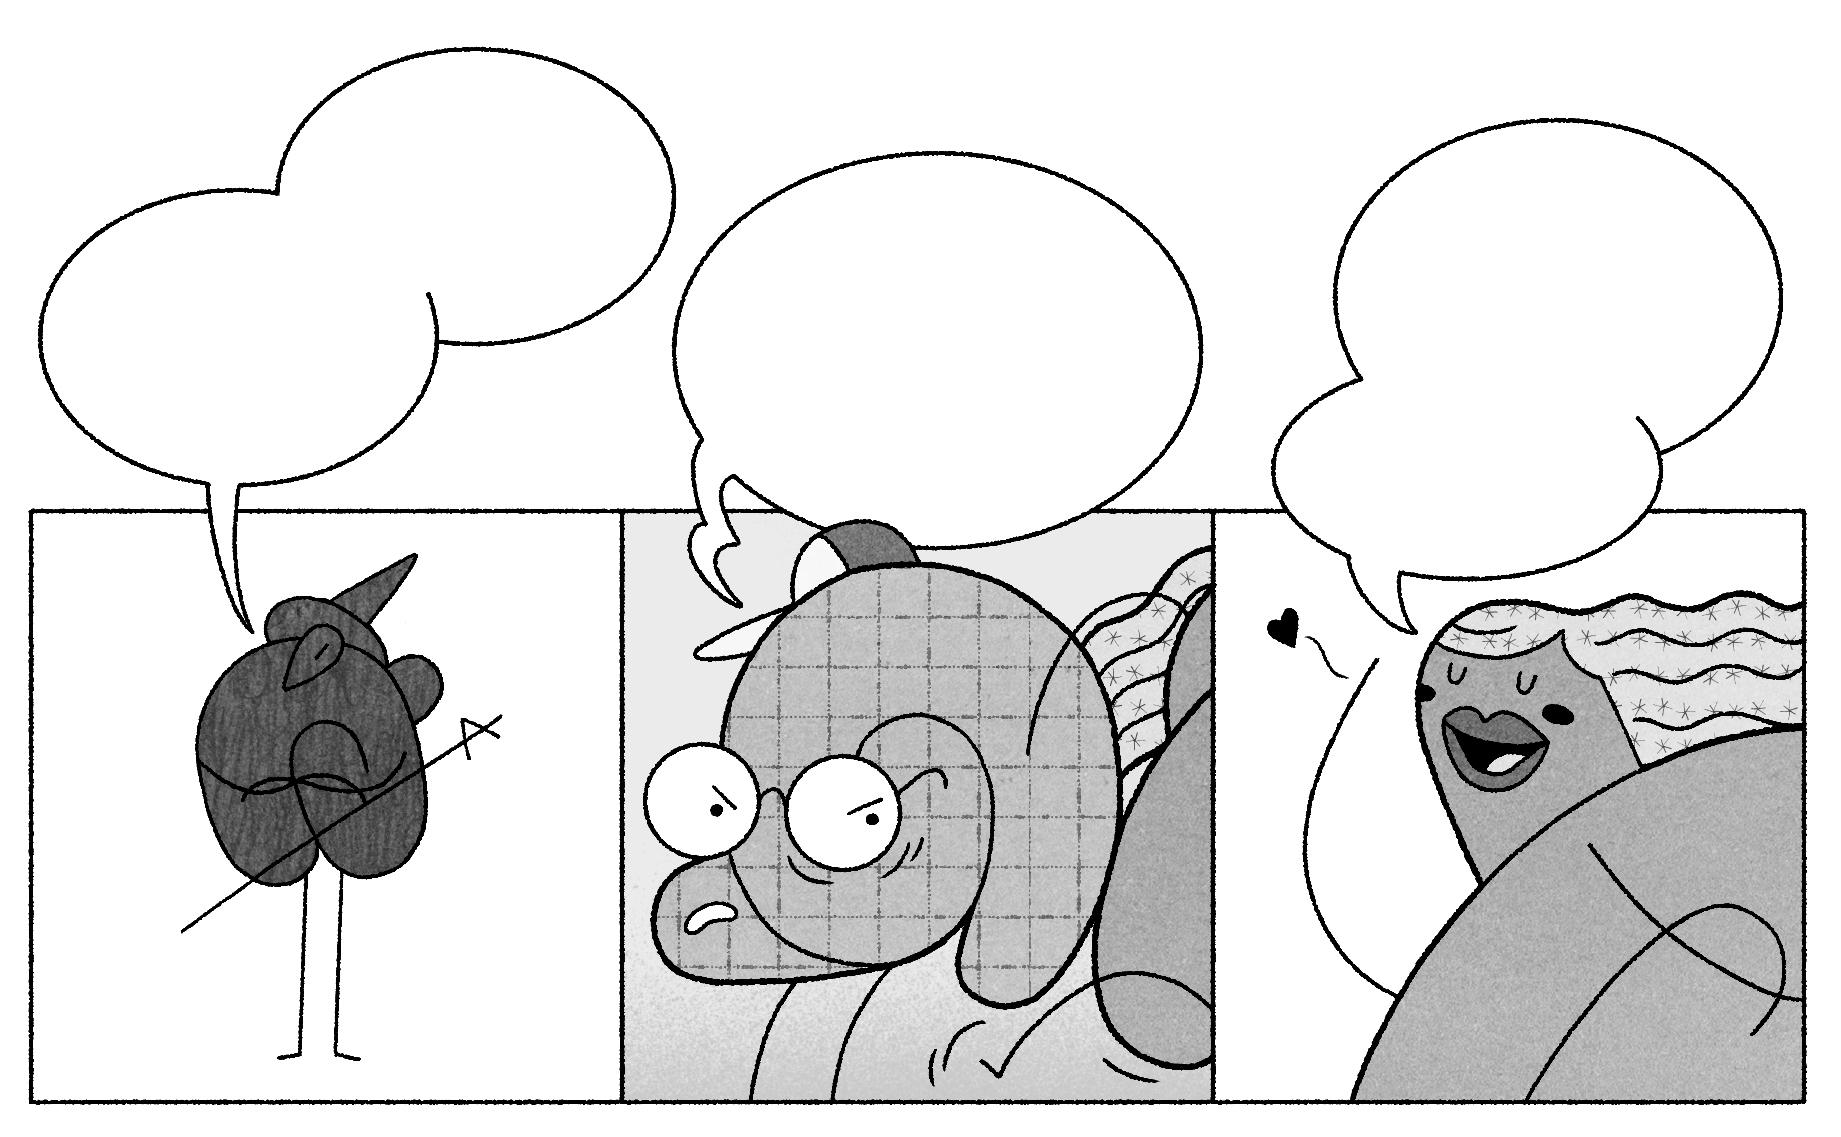 pg15.jpg